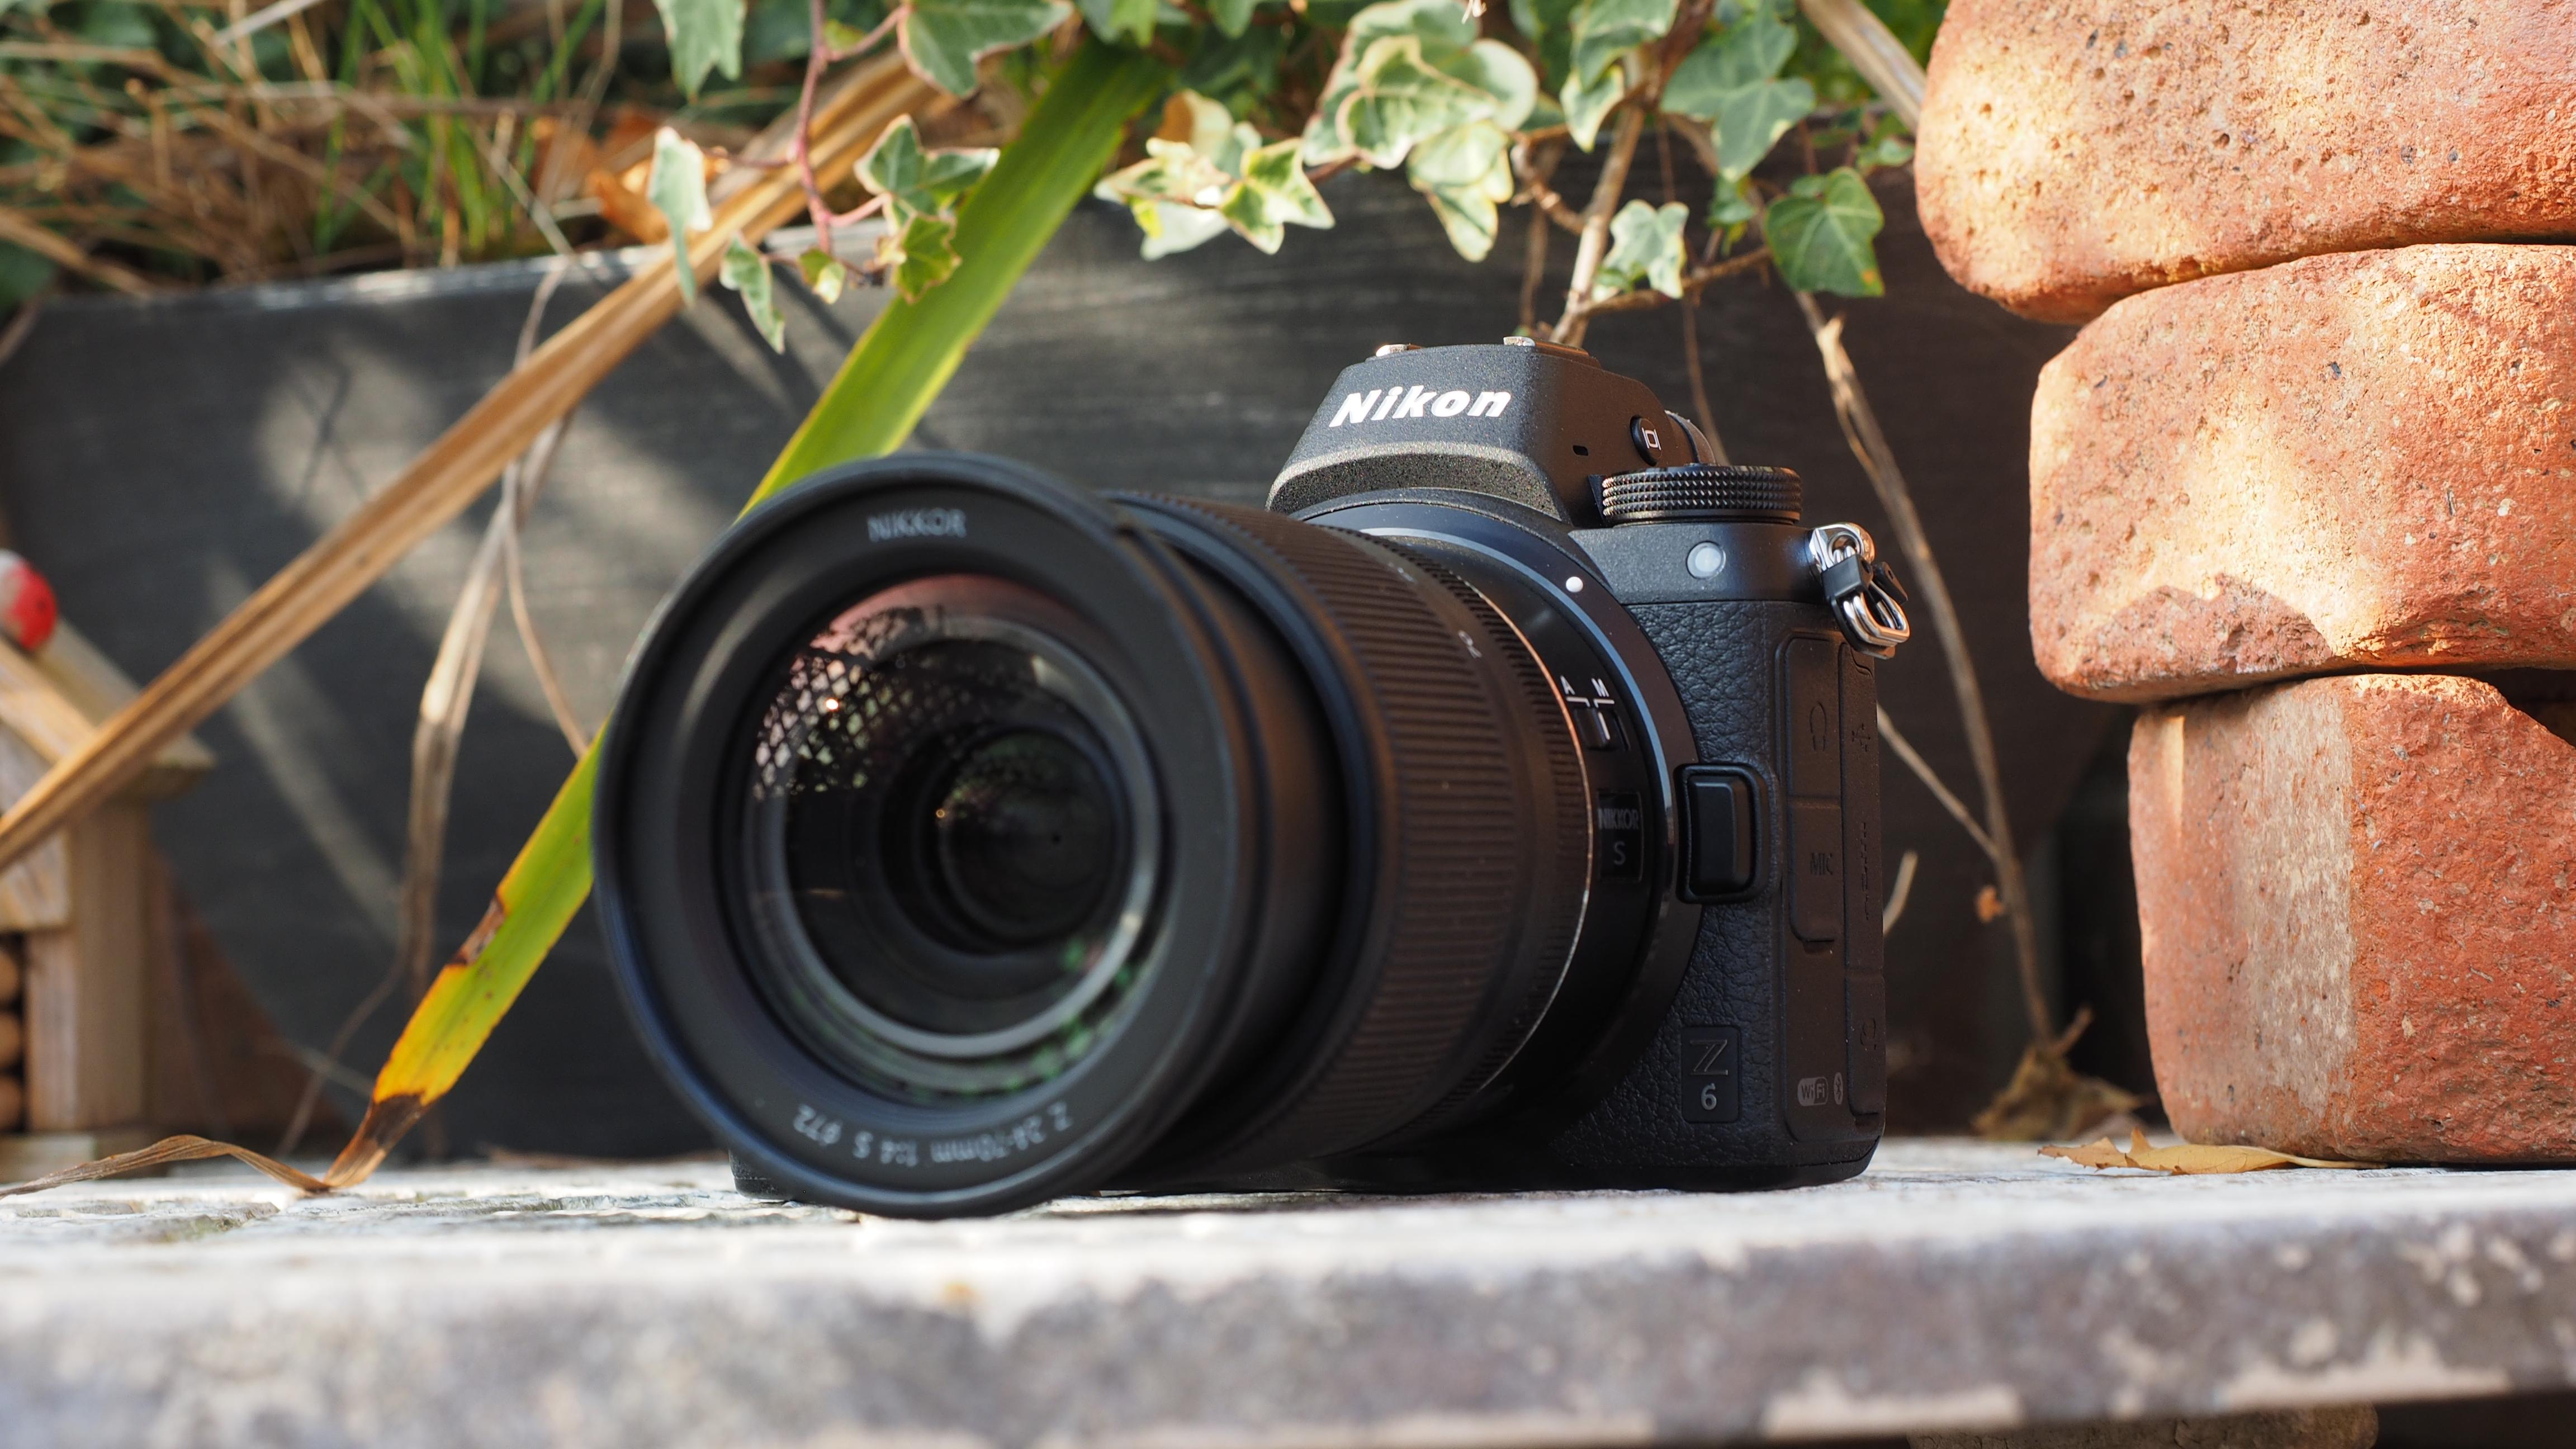 The best mirrorless cameras in 2019